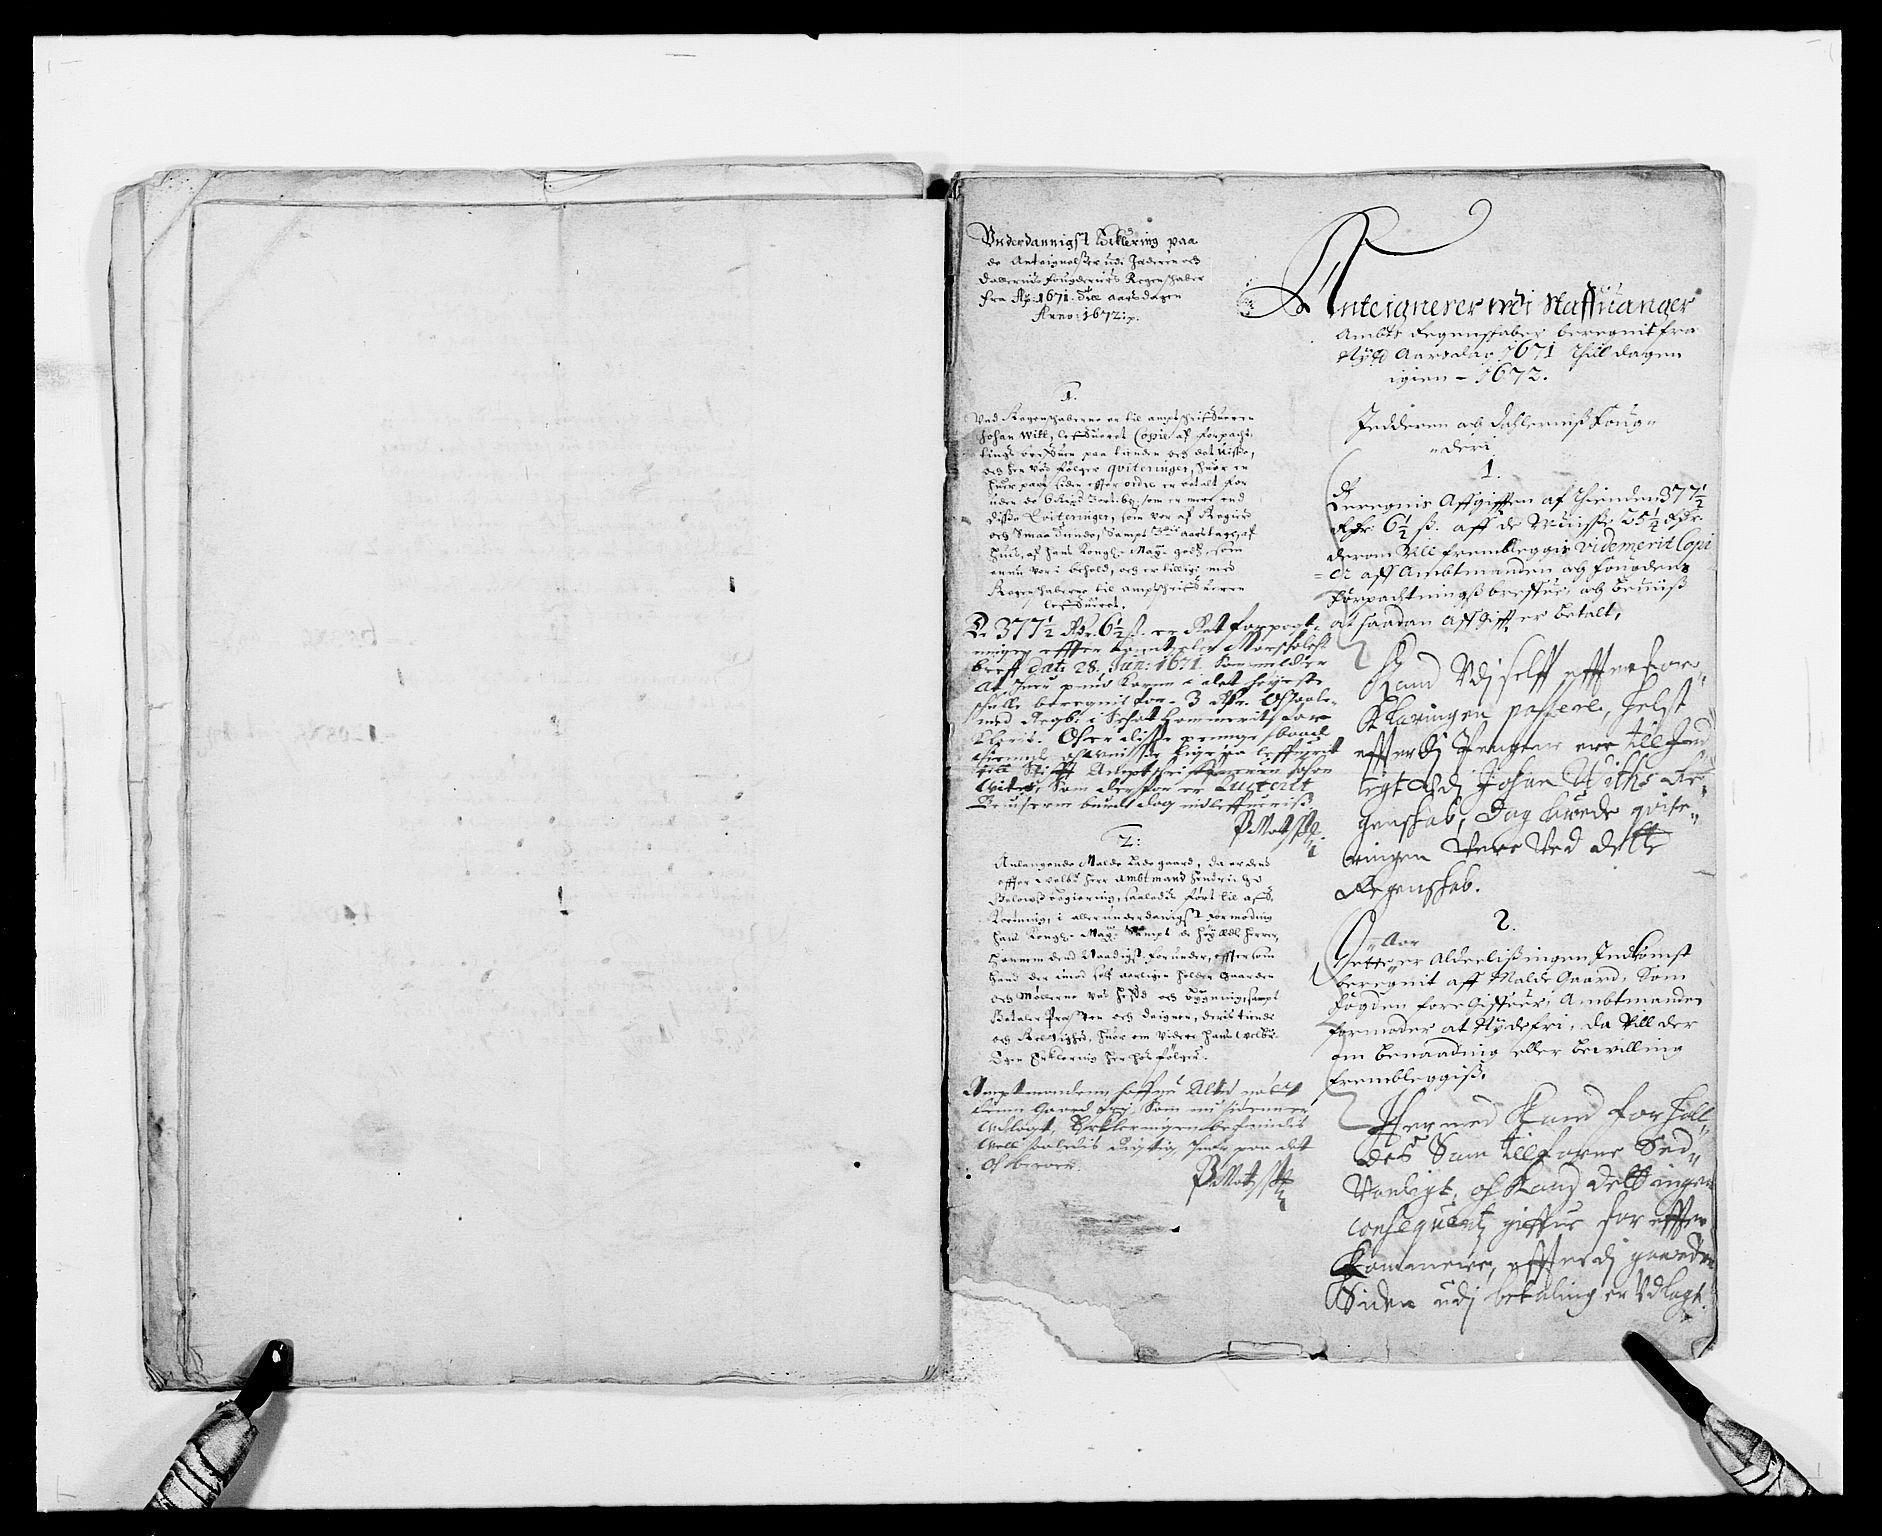 RA, Rentekammeret inntil 1814, Reviderte regnskaper, Fogderegnskap, R46/L2713: Fogderegnskap Jæren og Dalane, 1671-1672, s. 195